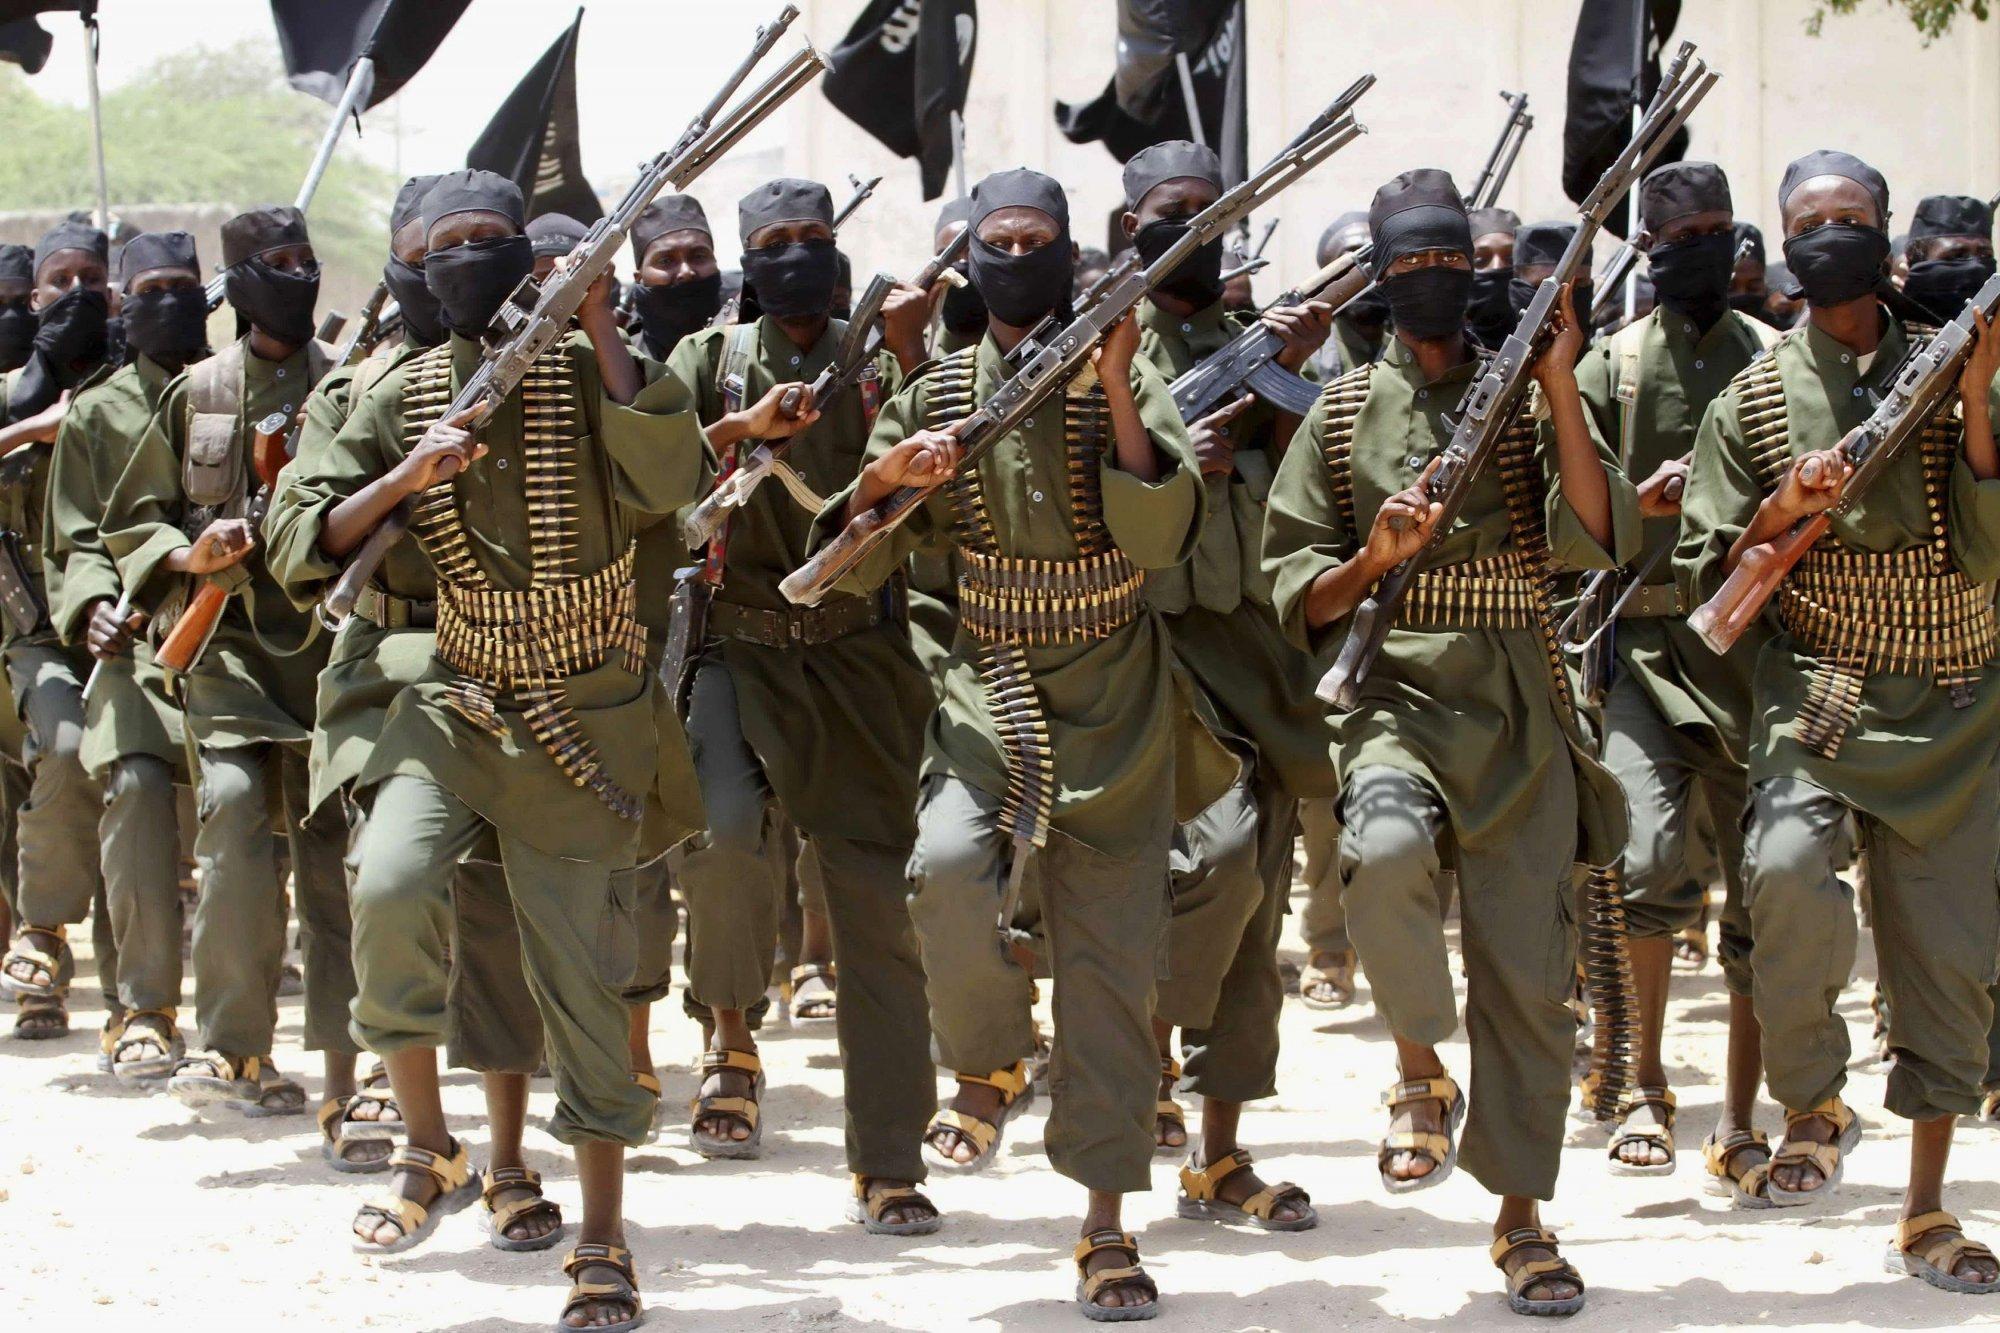 Боко Харам продолжает осуществлять жестокие нападения в Нигерии